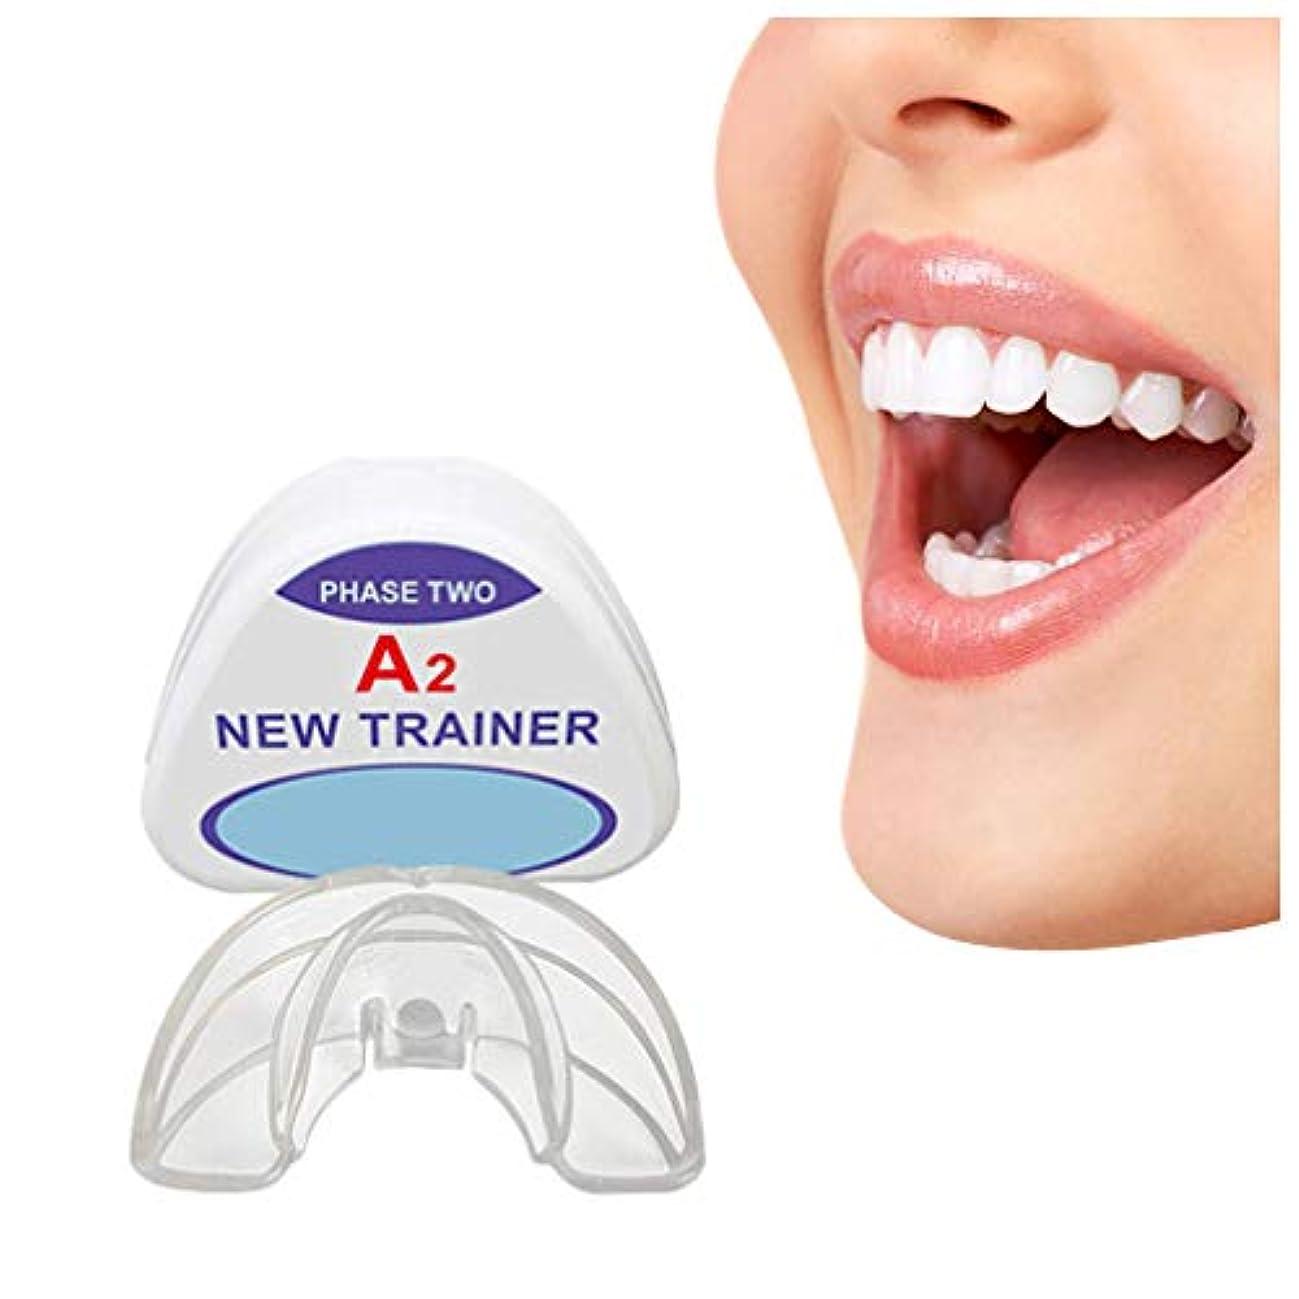 一貫した頭骨折歯アライメントトレーナーリテーナー、歯科矯正トレーナー、ナイトマウスガードスリムグラインドプロテクター、大人のためのトレーナー歯アライメントブレース,A2